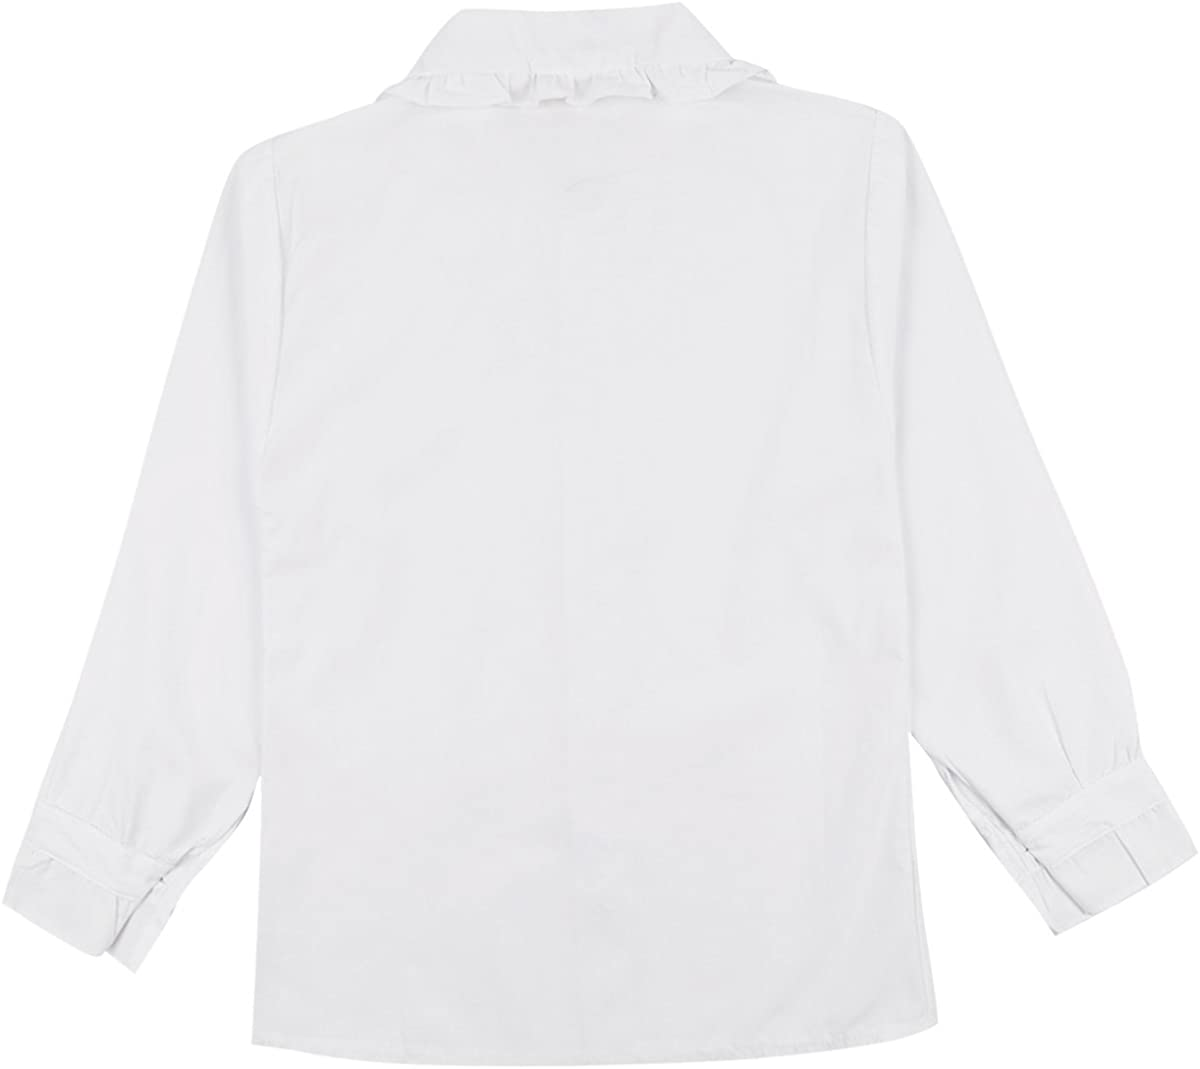 iiniim Blusa Blanca Niña Niño Camisa Oxford Mangas Largas Algodón Top de Uniforme Escolar Ropa Diaria Casual para Niños 4-13 Años: Amazon.es: Ropa y accesorios